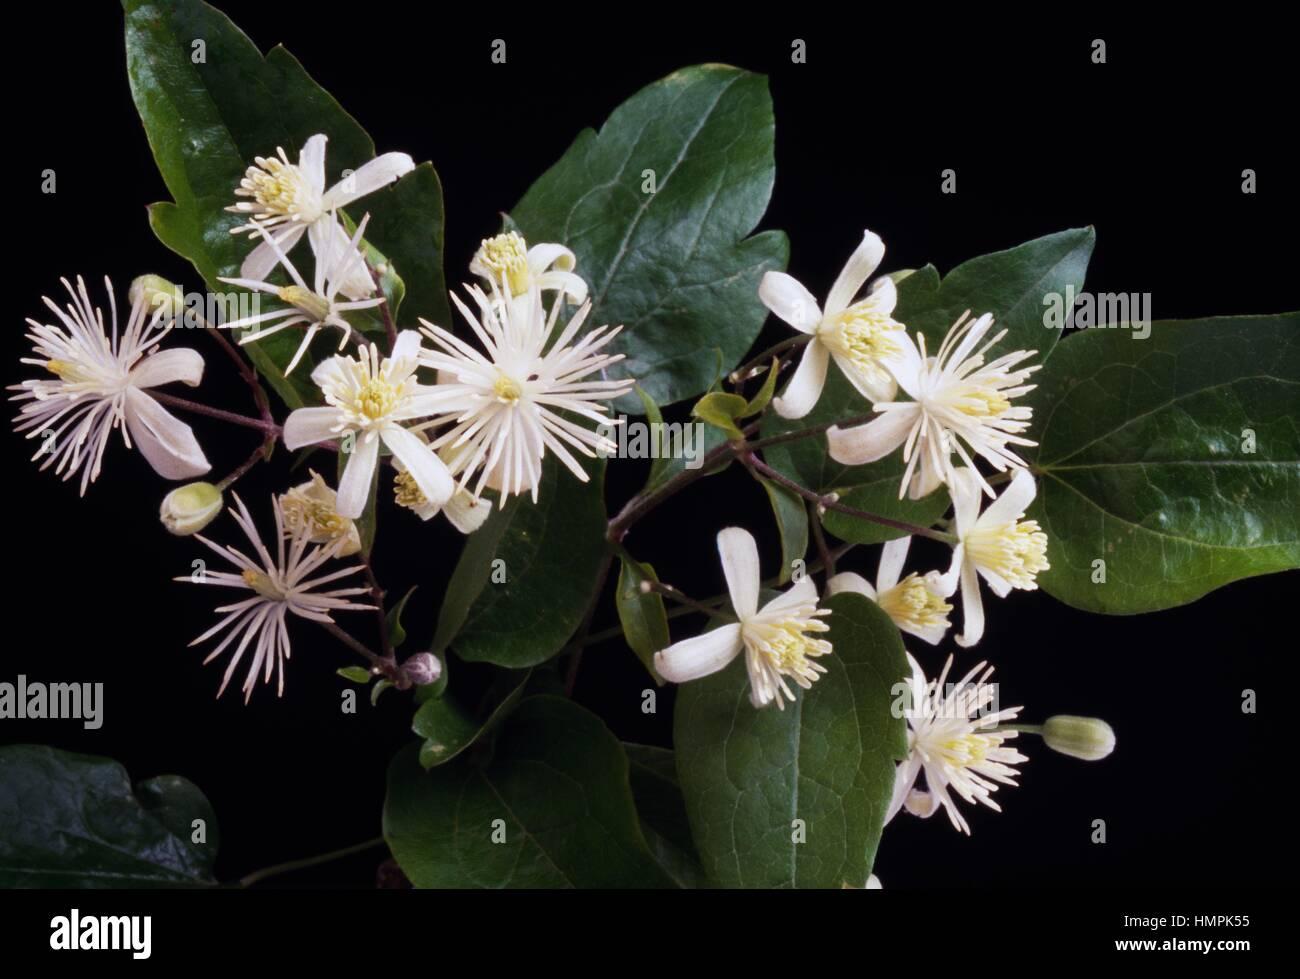 Flowering Old man's beard or Traveller's joy (Clematis vitalba), Ranunculaceae. - Stock Image